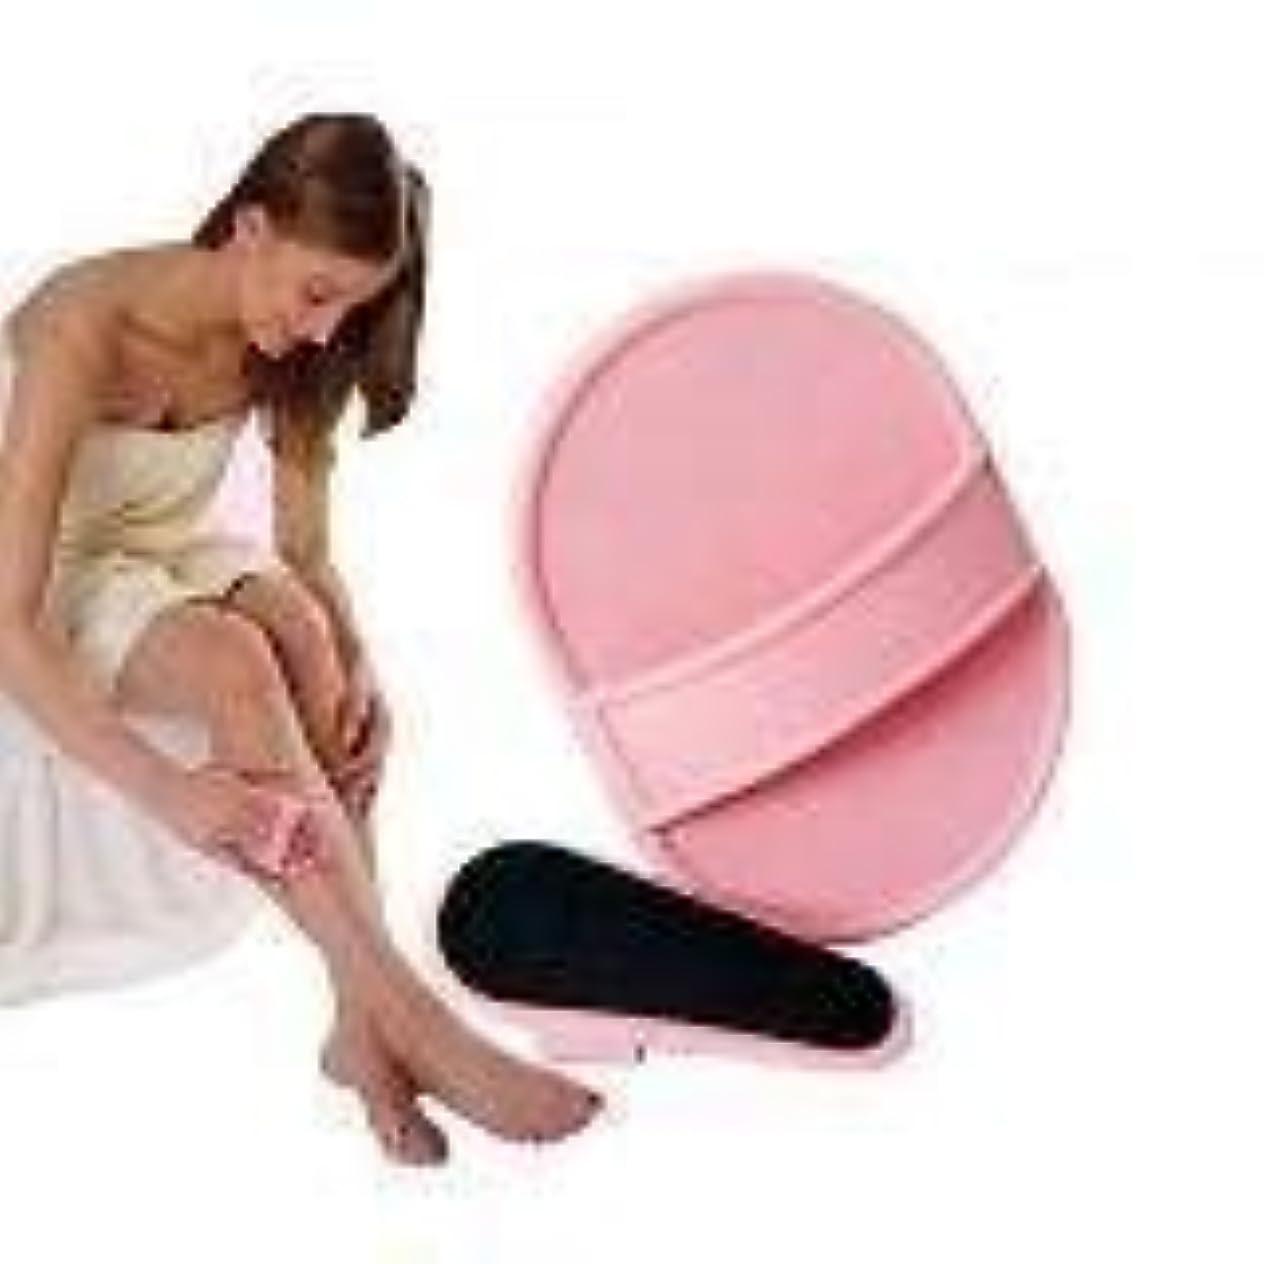 瞑想する全国スクランブルHPYOD HOME なめらかな脚またはなめらかな脚用の詰め替えパッド - 10パッド